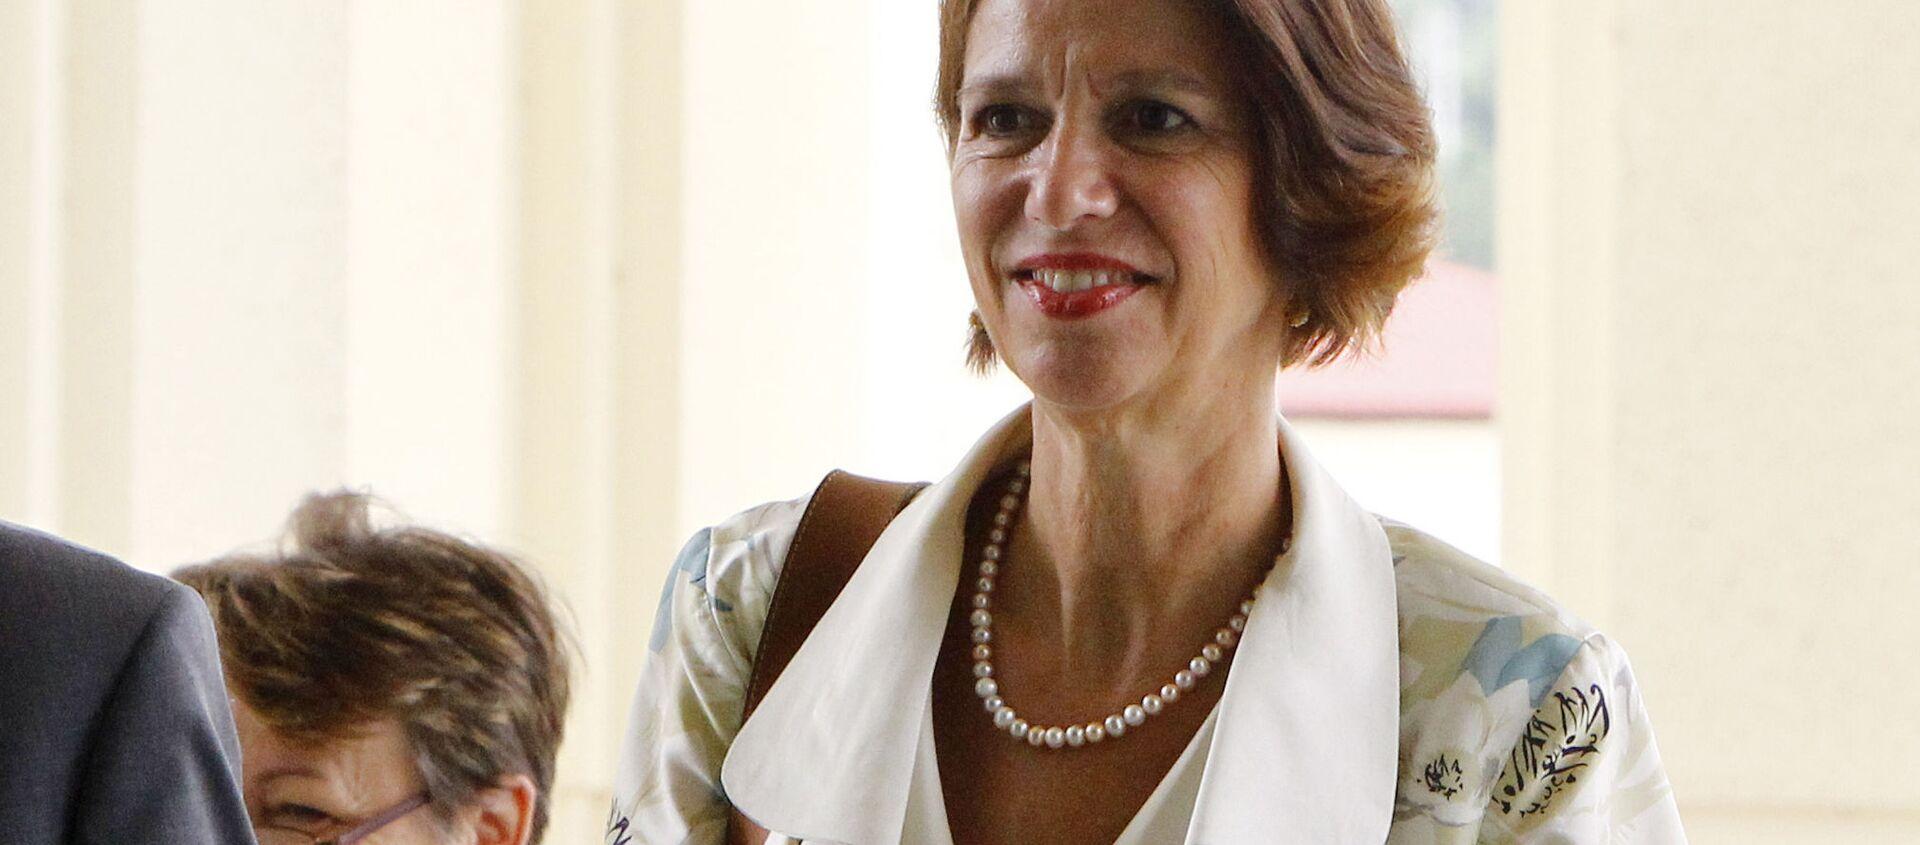 Đặc phái viên Tổng thư ký Liên Hiệp Quốc về Myanmar Christine Schraner-Burgener. - Sputnik Việt Nam, 1920, 26.02.2021